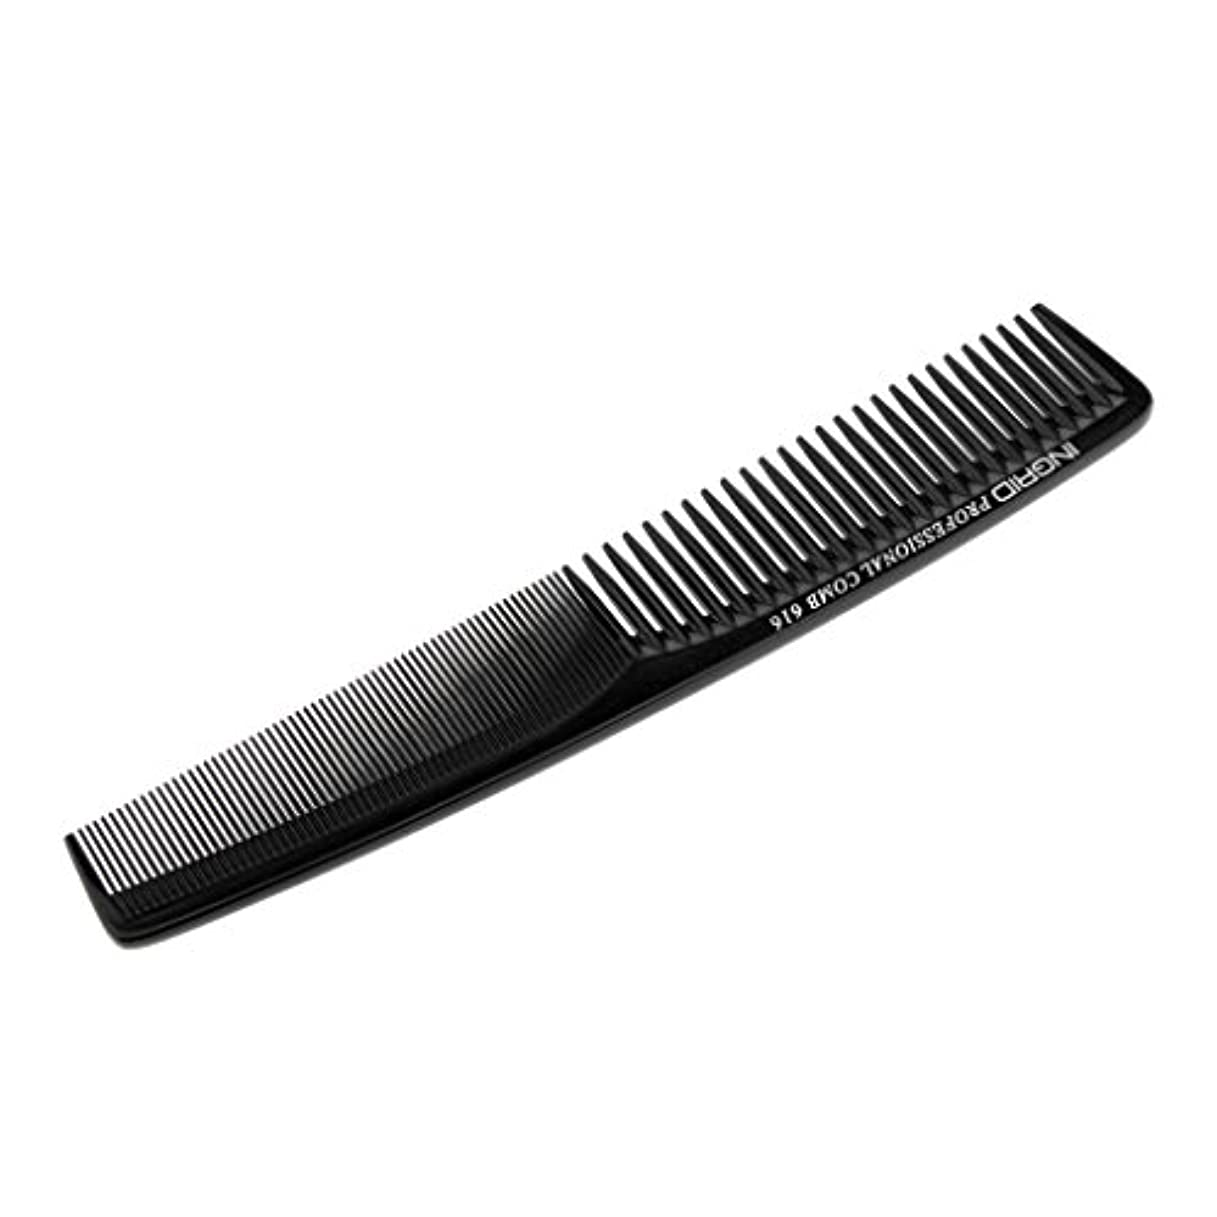 大破繰り返す肌寒いHomyl ヘアカットコーム 櫛 コーム 理髪店 静電気防止 全5色  - ブラック